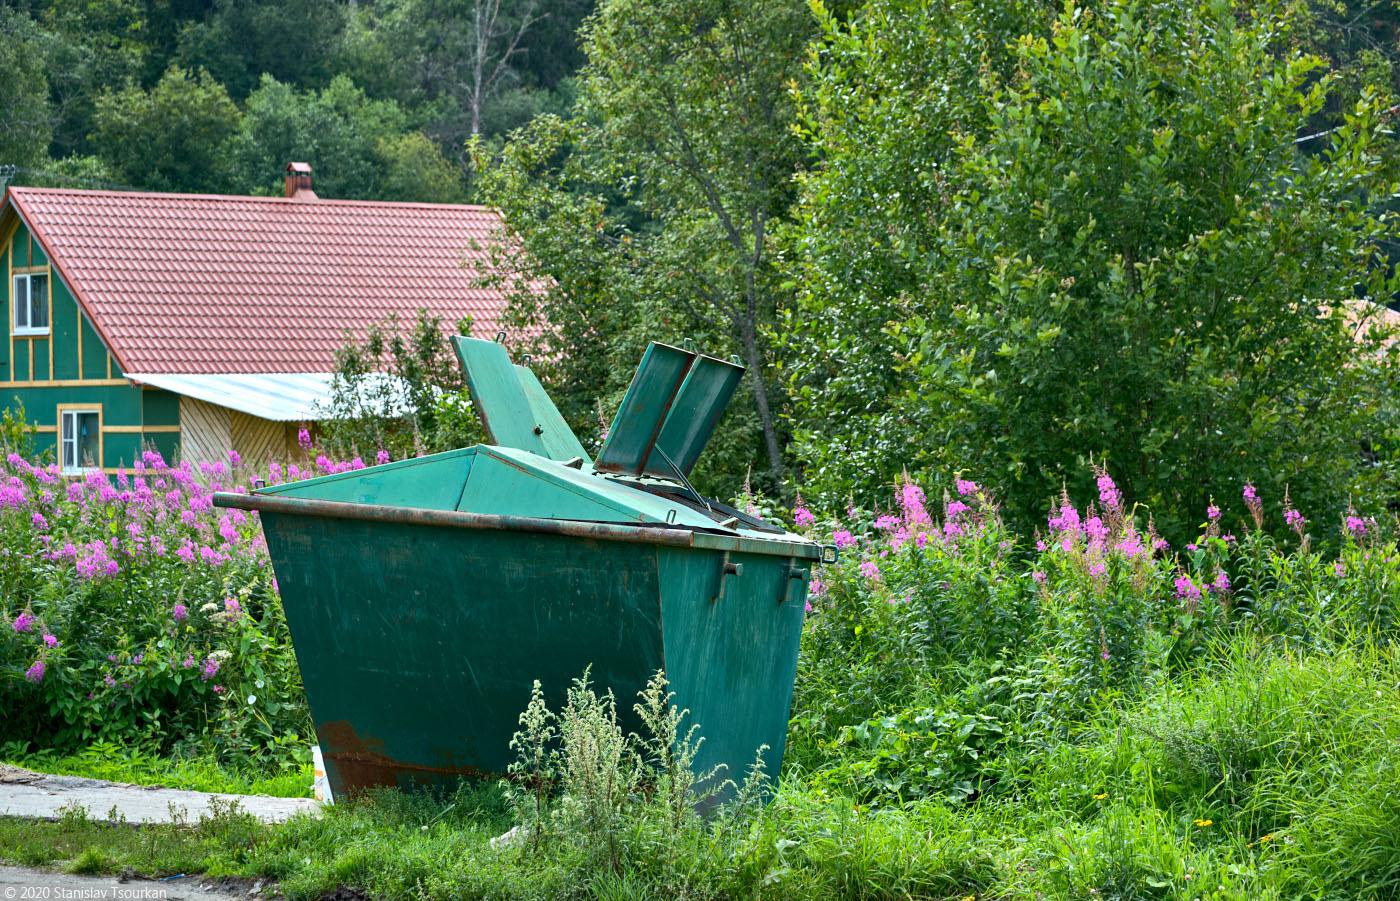 Лахденпохья, Карелия, республика Карелия, Заводская улица, мусорный контейнер кораблик